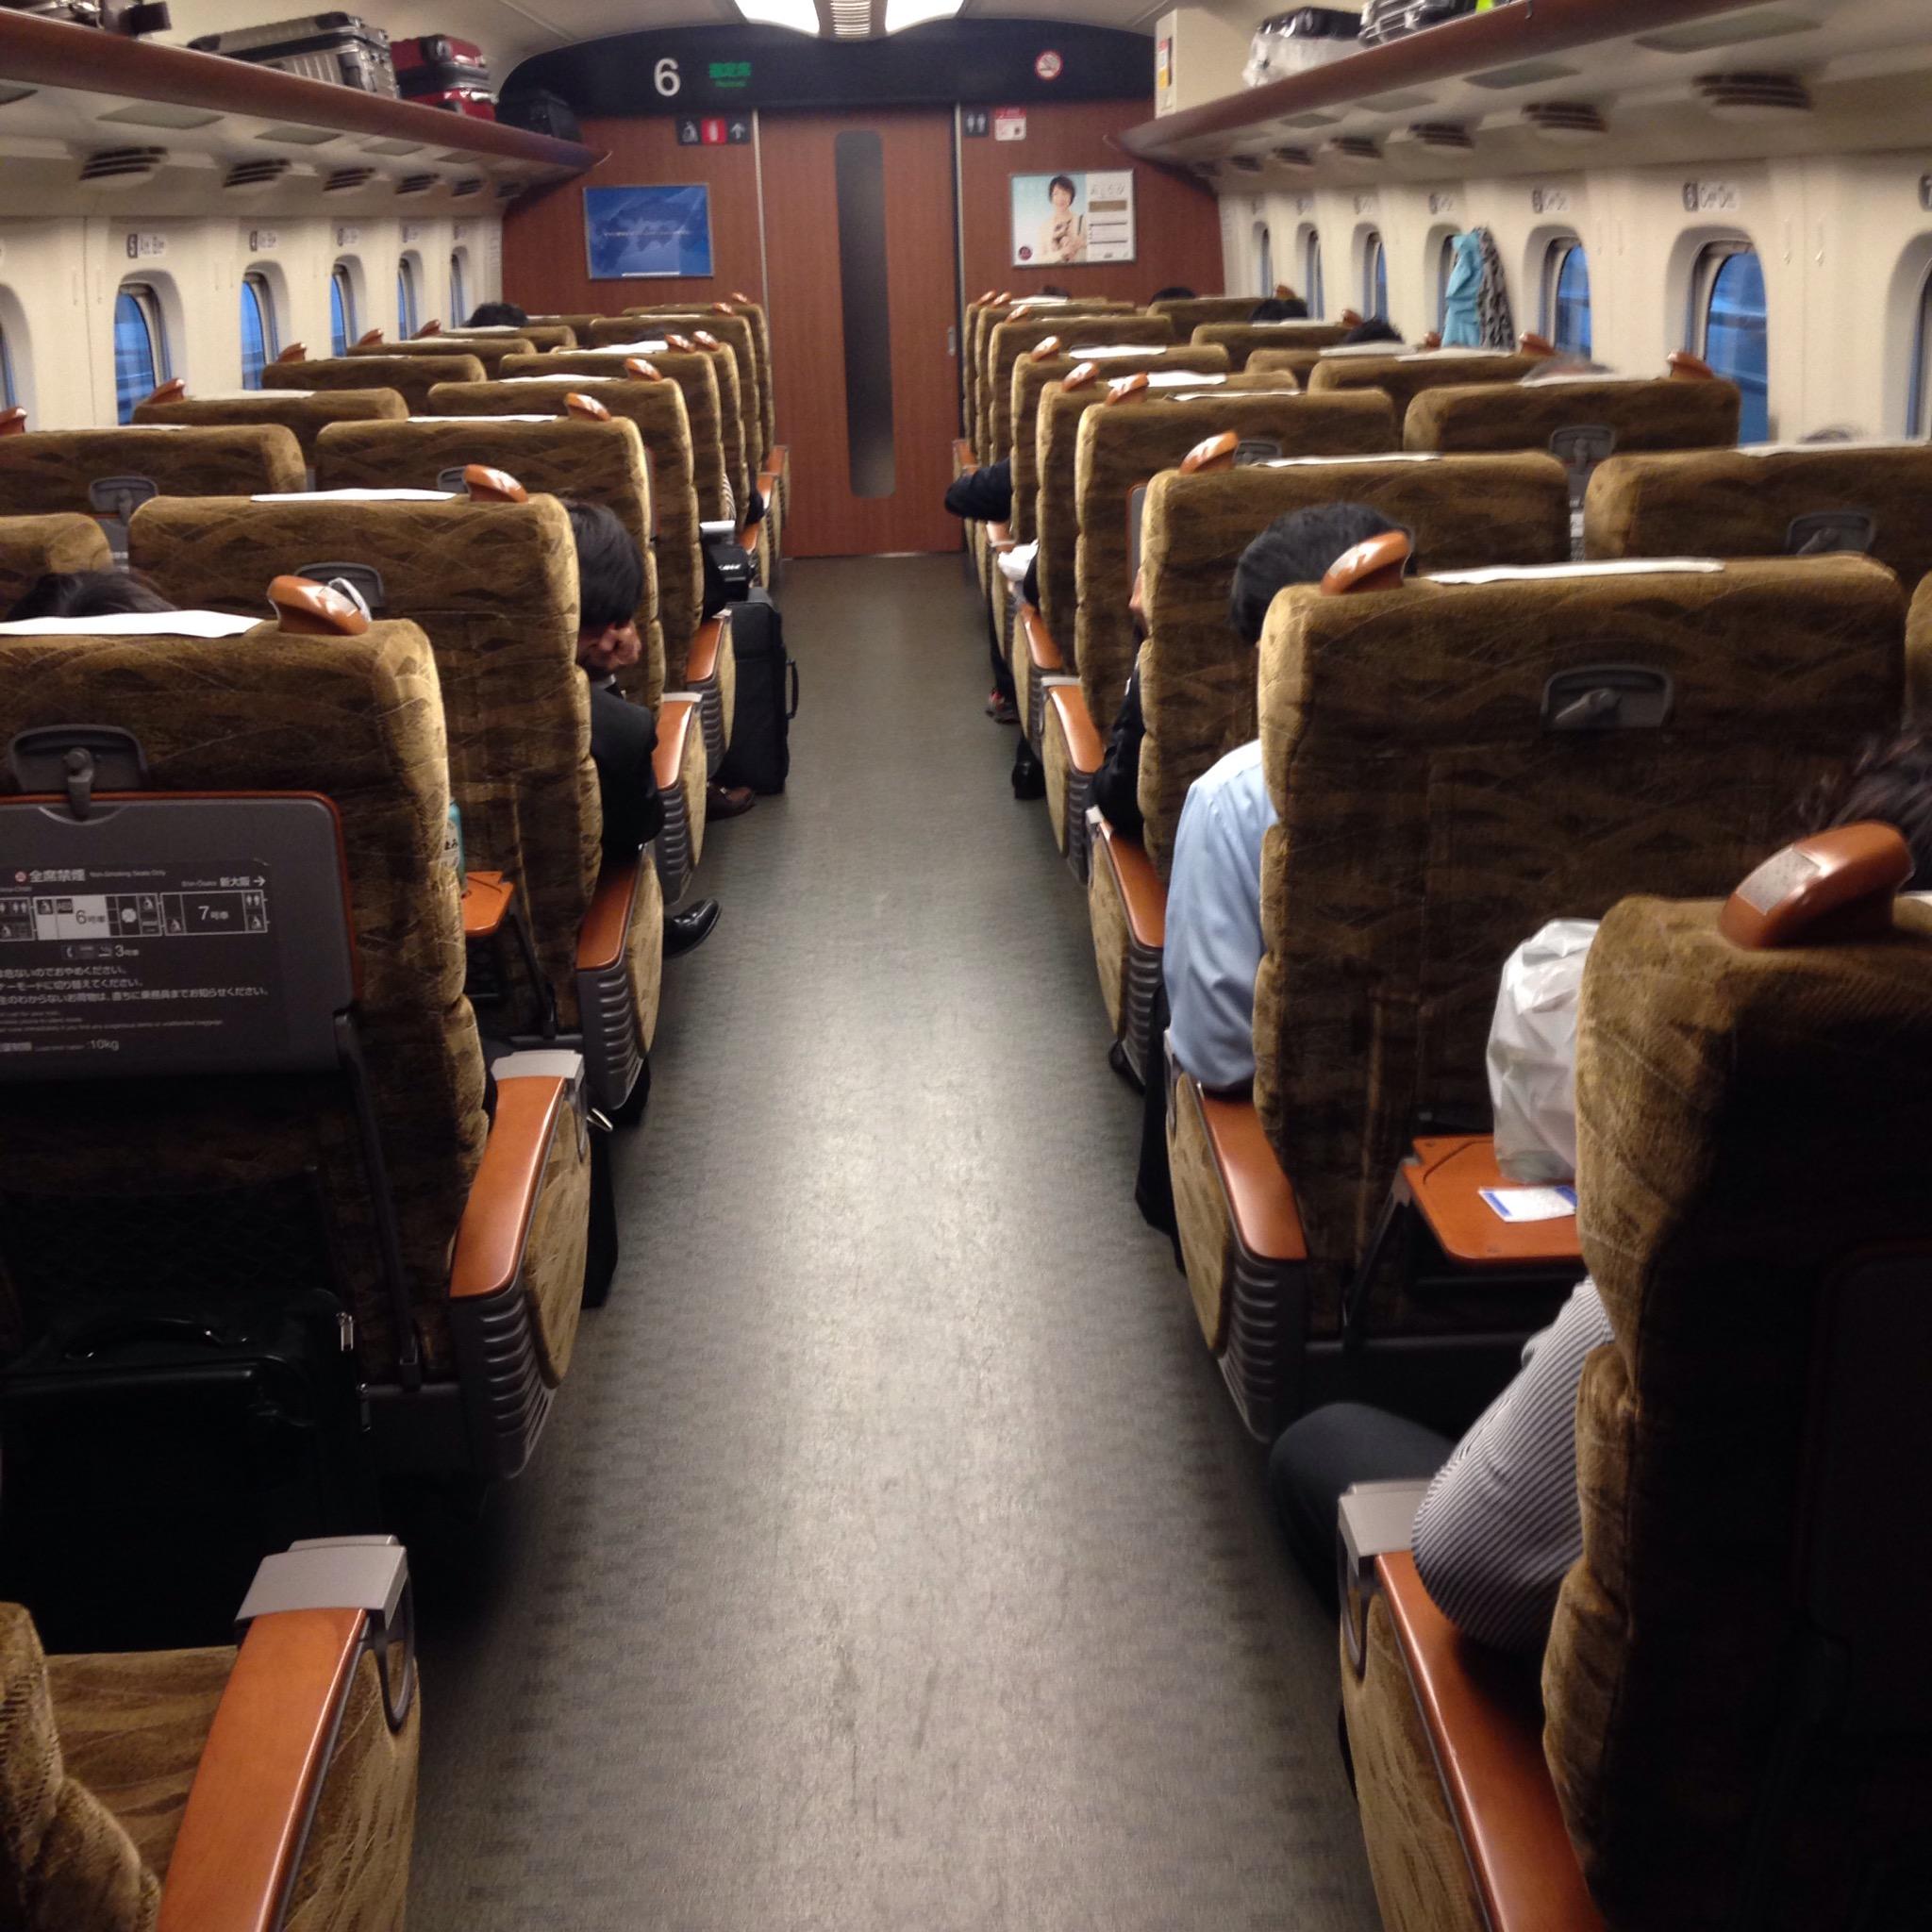 新大阪まで乗り入れる九州新幹線「みずほ・さくら」普通席でも高級感溢れる4列シート車両が快適